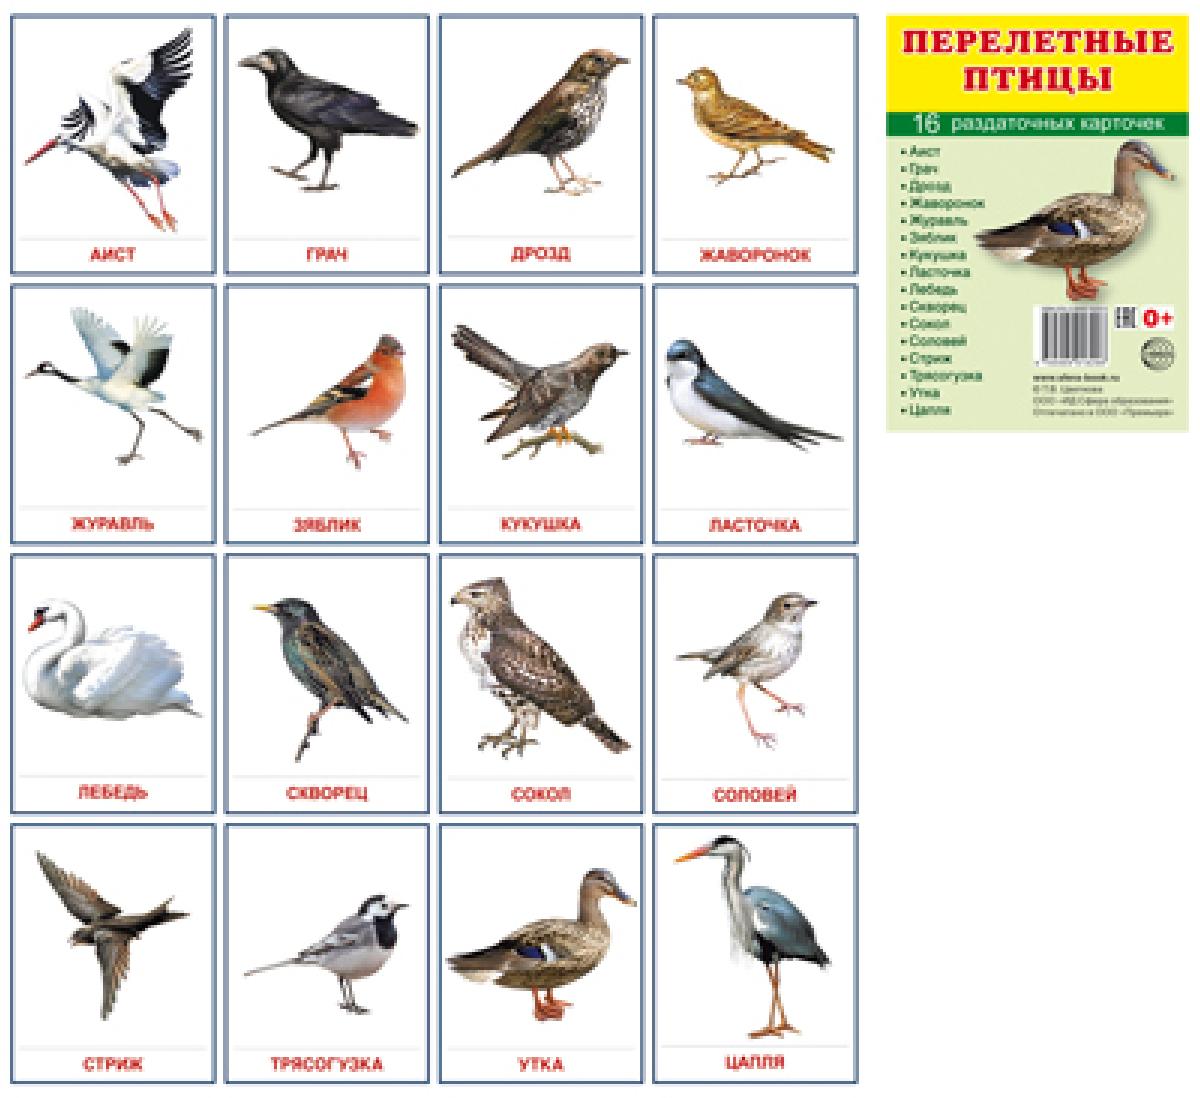 Т. В. Цветкова Перелетные птицы. Раздаточные картинки (набор из 16 карточек) т в цветкова зимующие птицы раздаточные картинки набор из 16 карточек